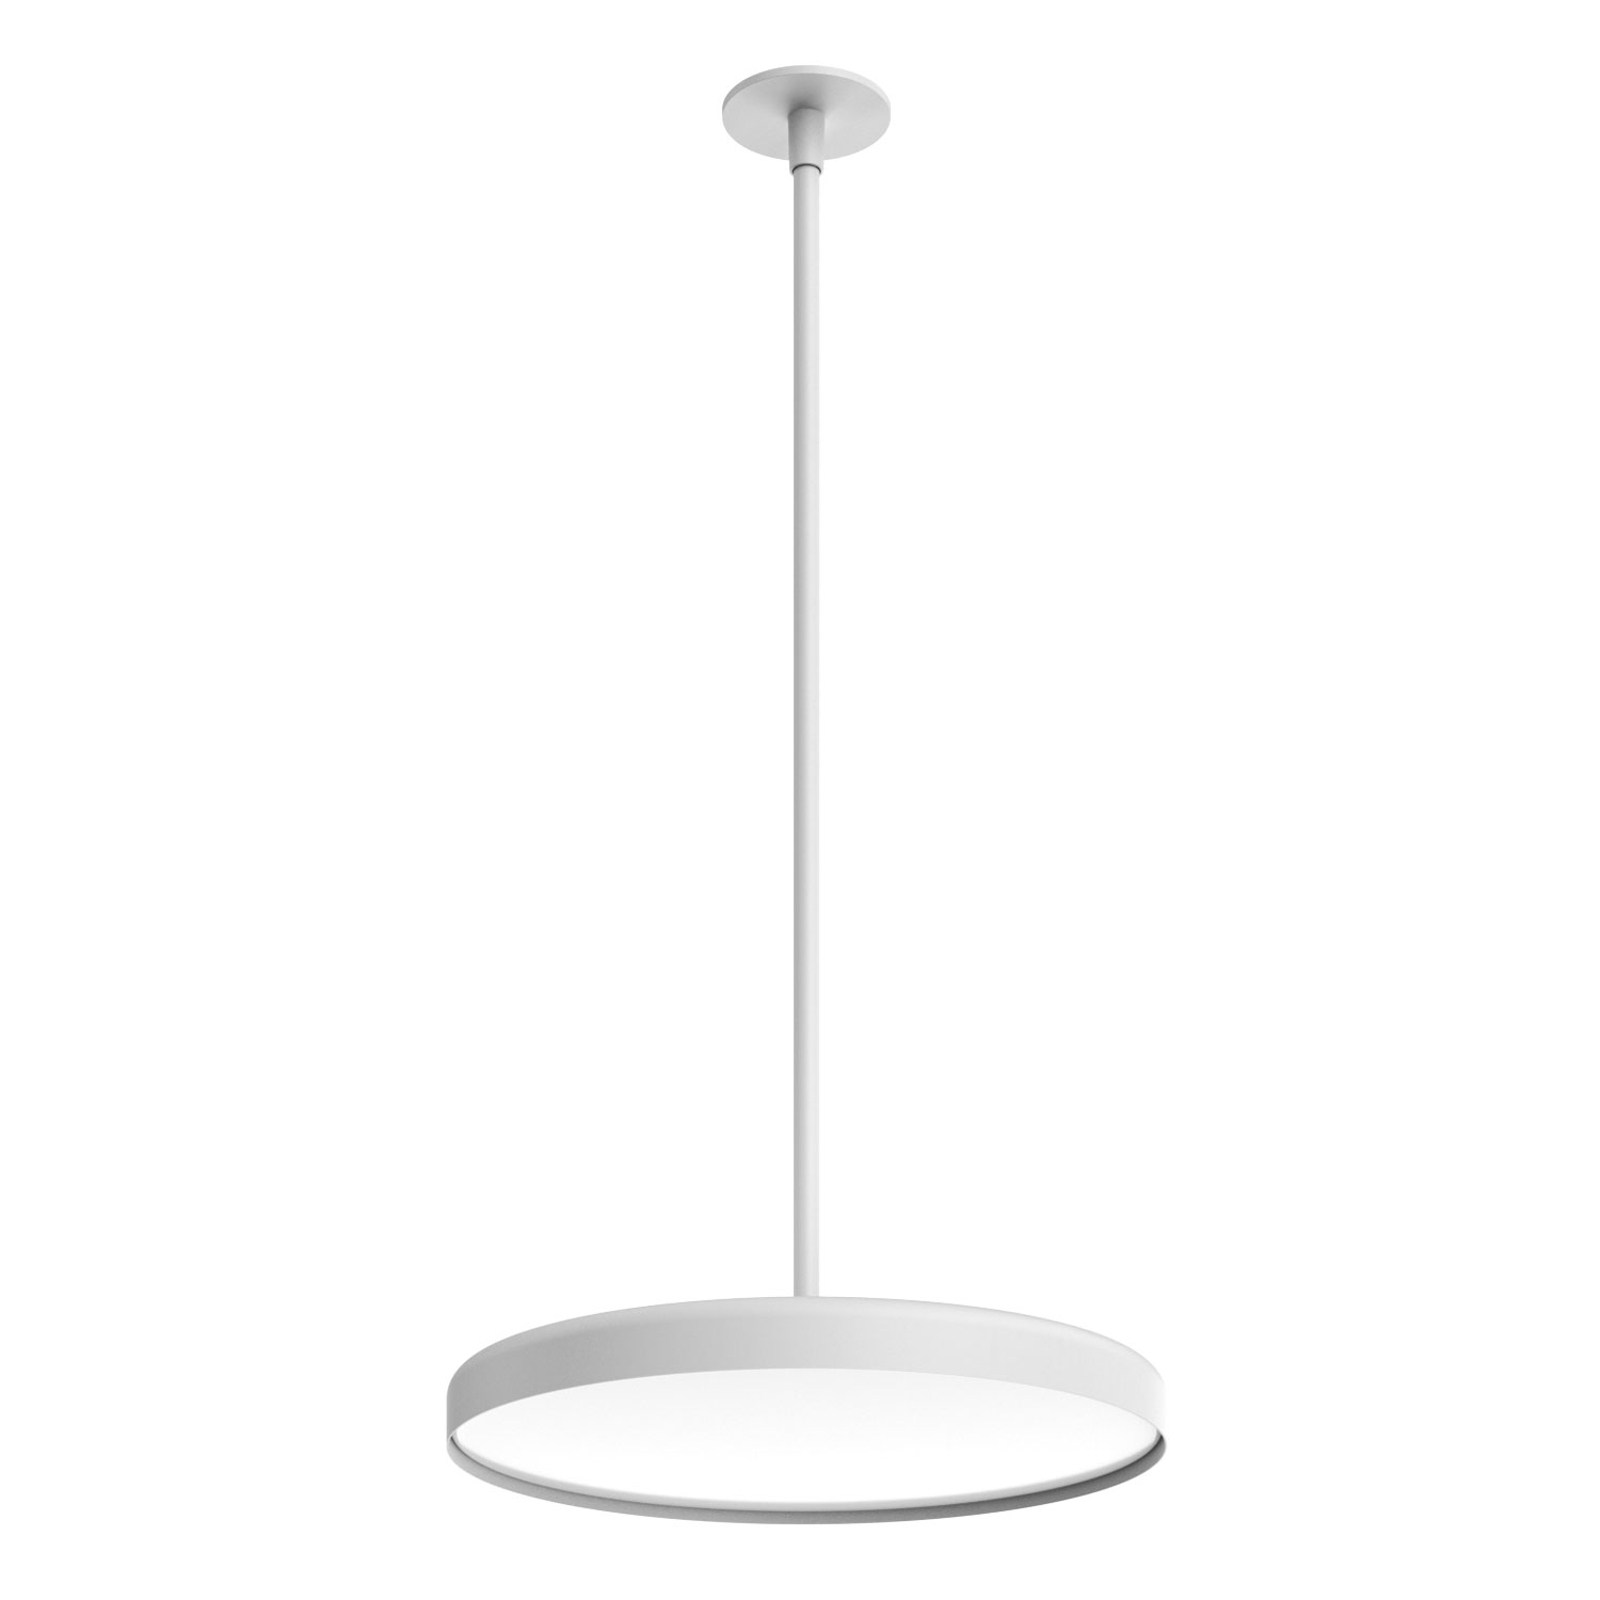 FLOS Infra-Structure C1 LED-Deckenlampe weiß